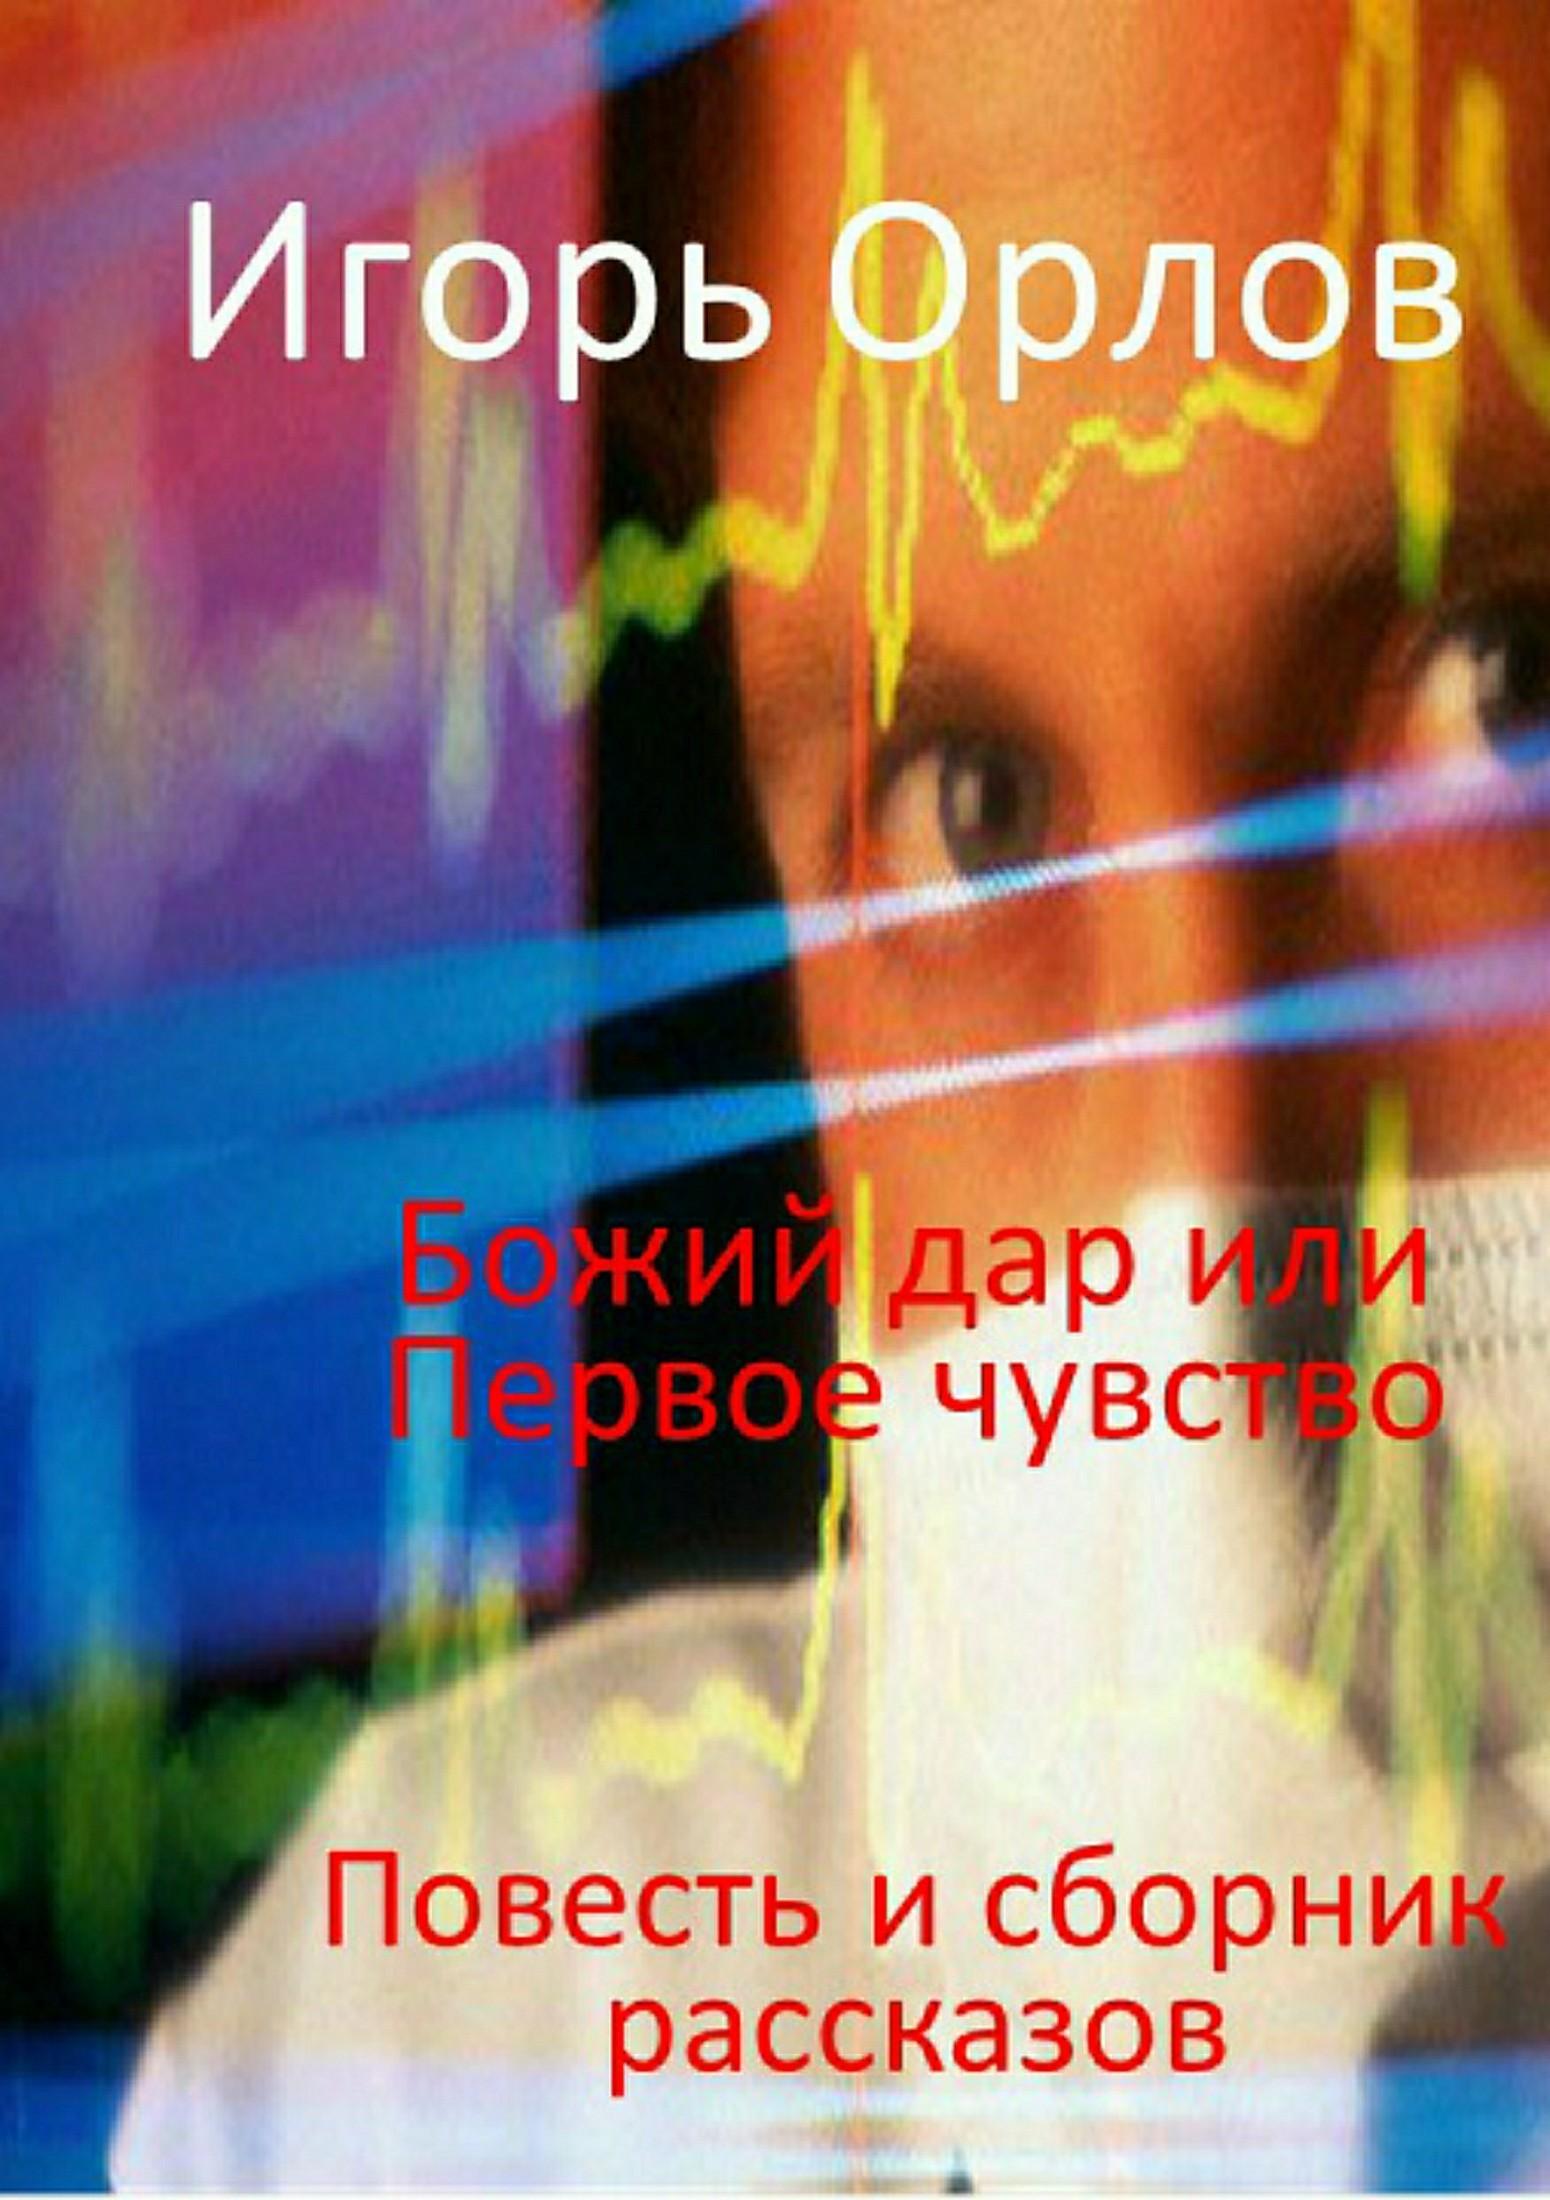 Игорь Орлов Божий Дар или Первое чувство прихожая дар мини